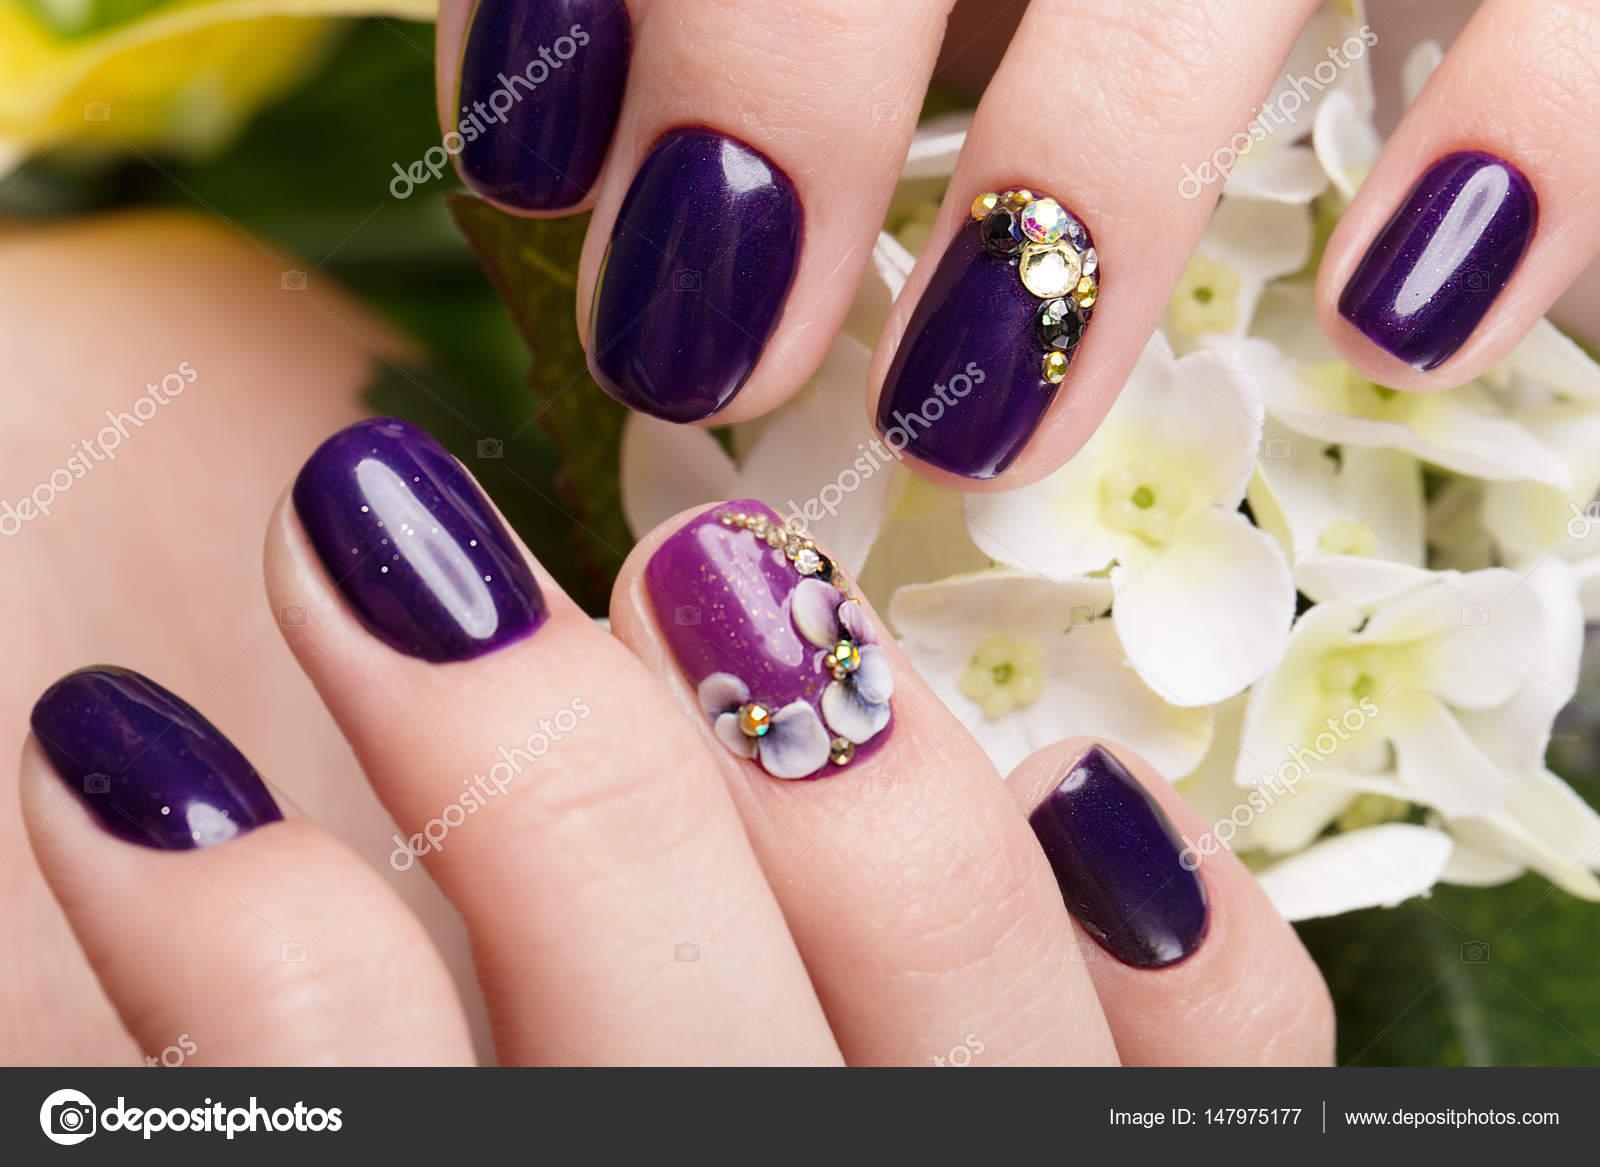 Schöne Maniküre mit Blumen auf weibliche Finger gedreht. Nägel ...